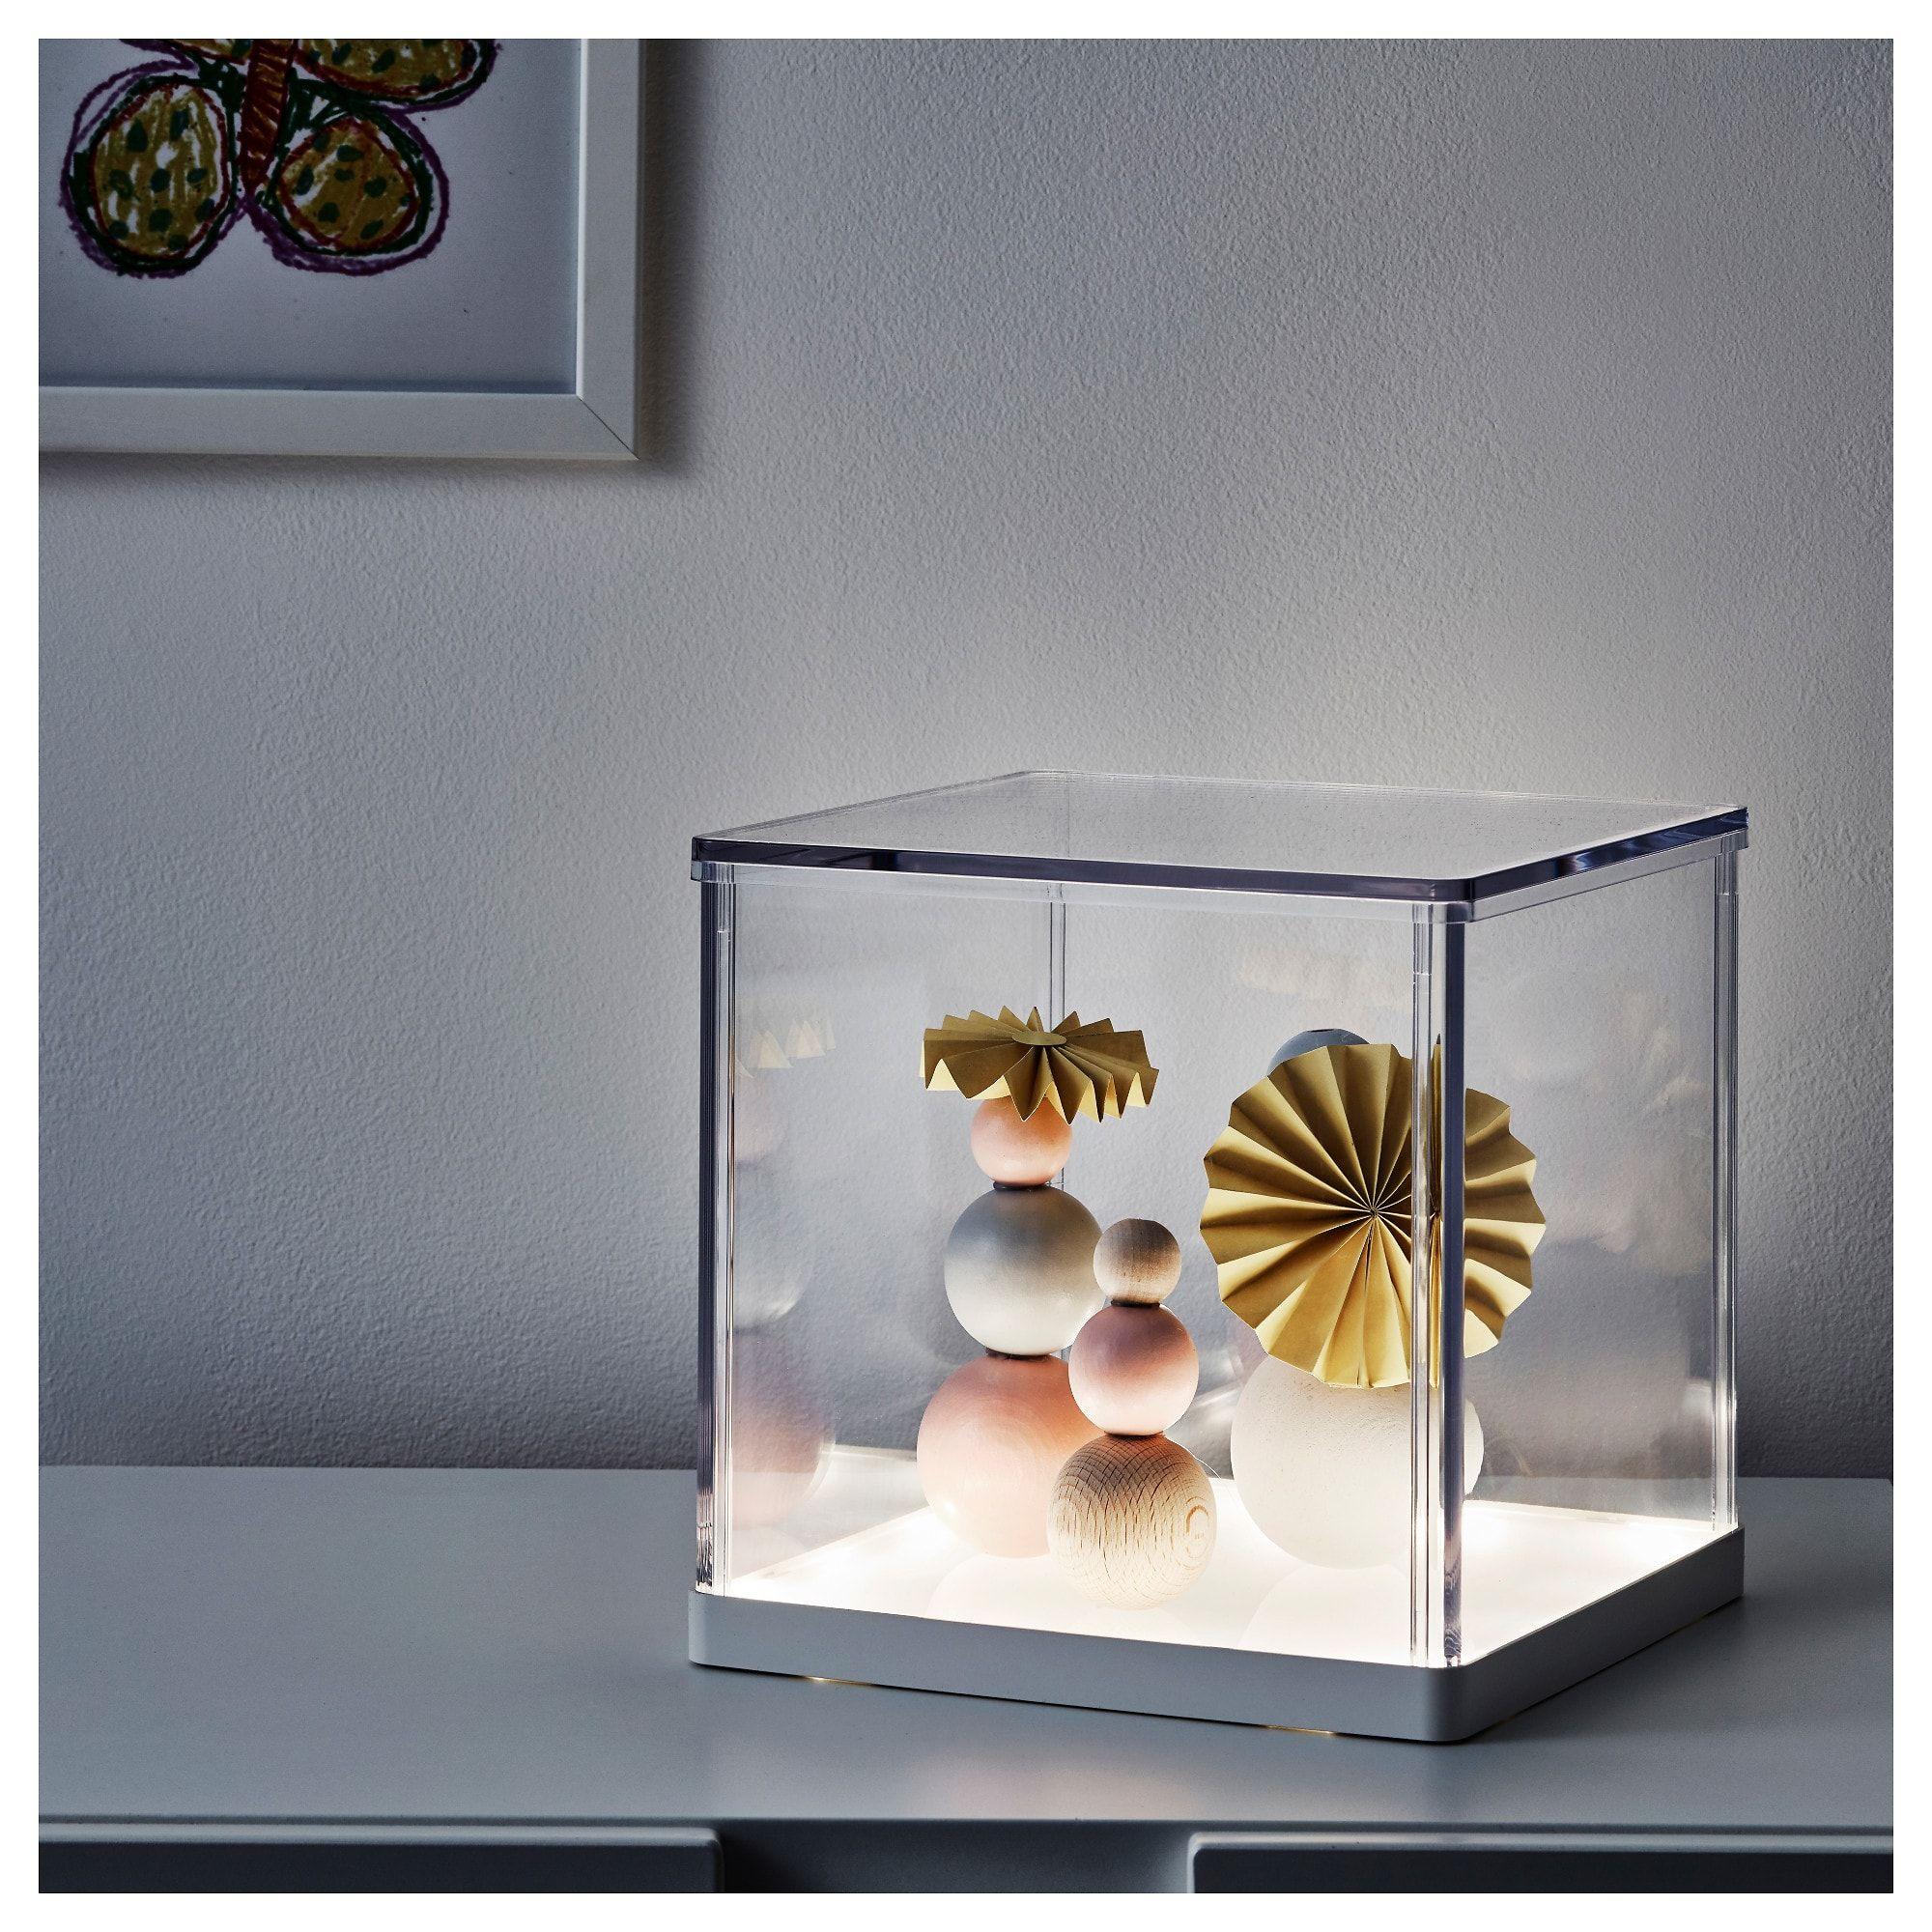 Ikea Australia Affordable Swedish Home Furniture Led Light Box Interior Led Lights Ikea